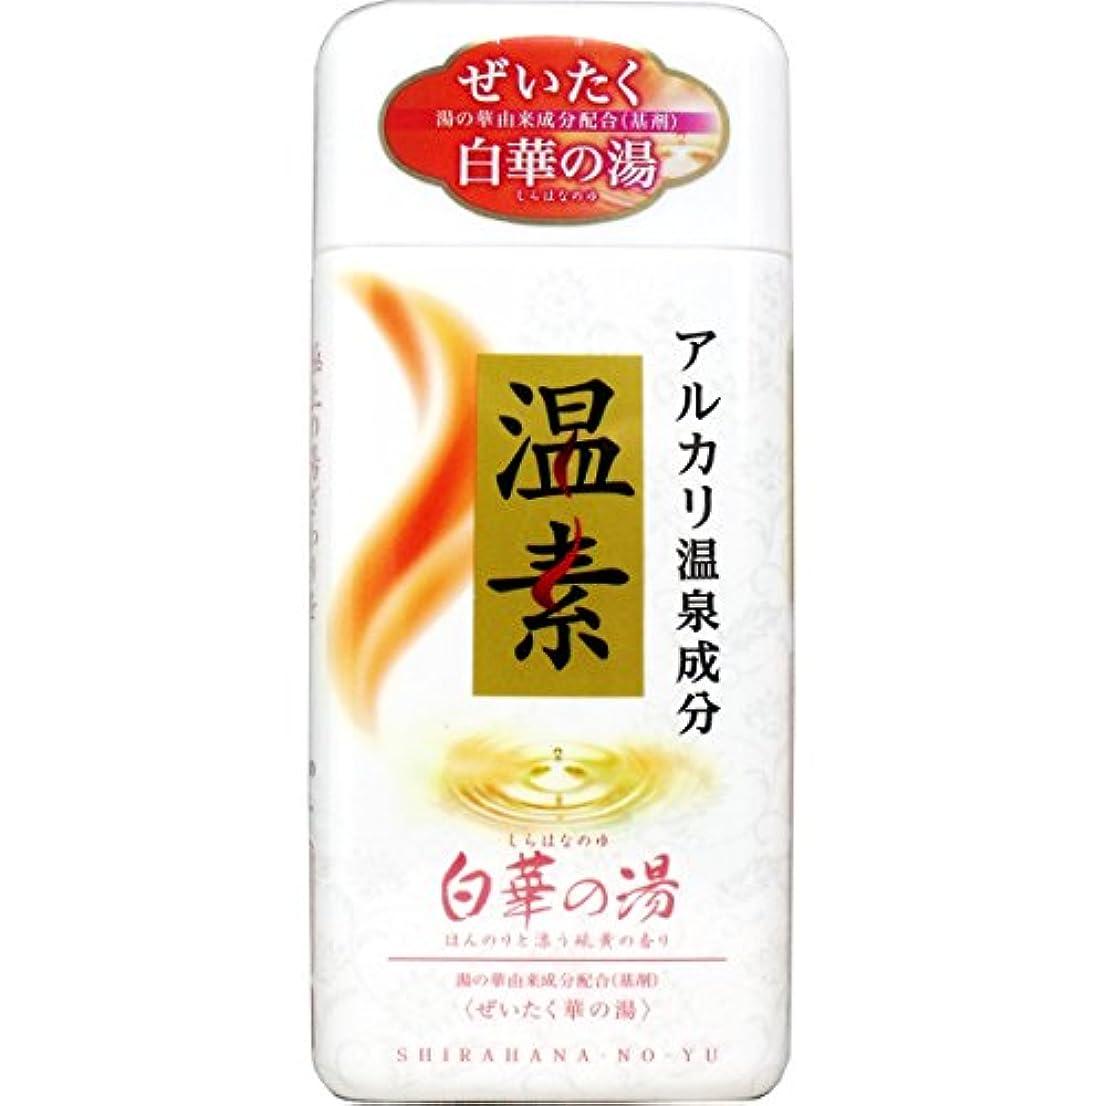 ガロンアサー解釈的温素 白華の湯 × 5個セット